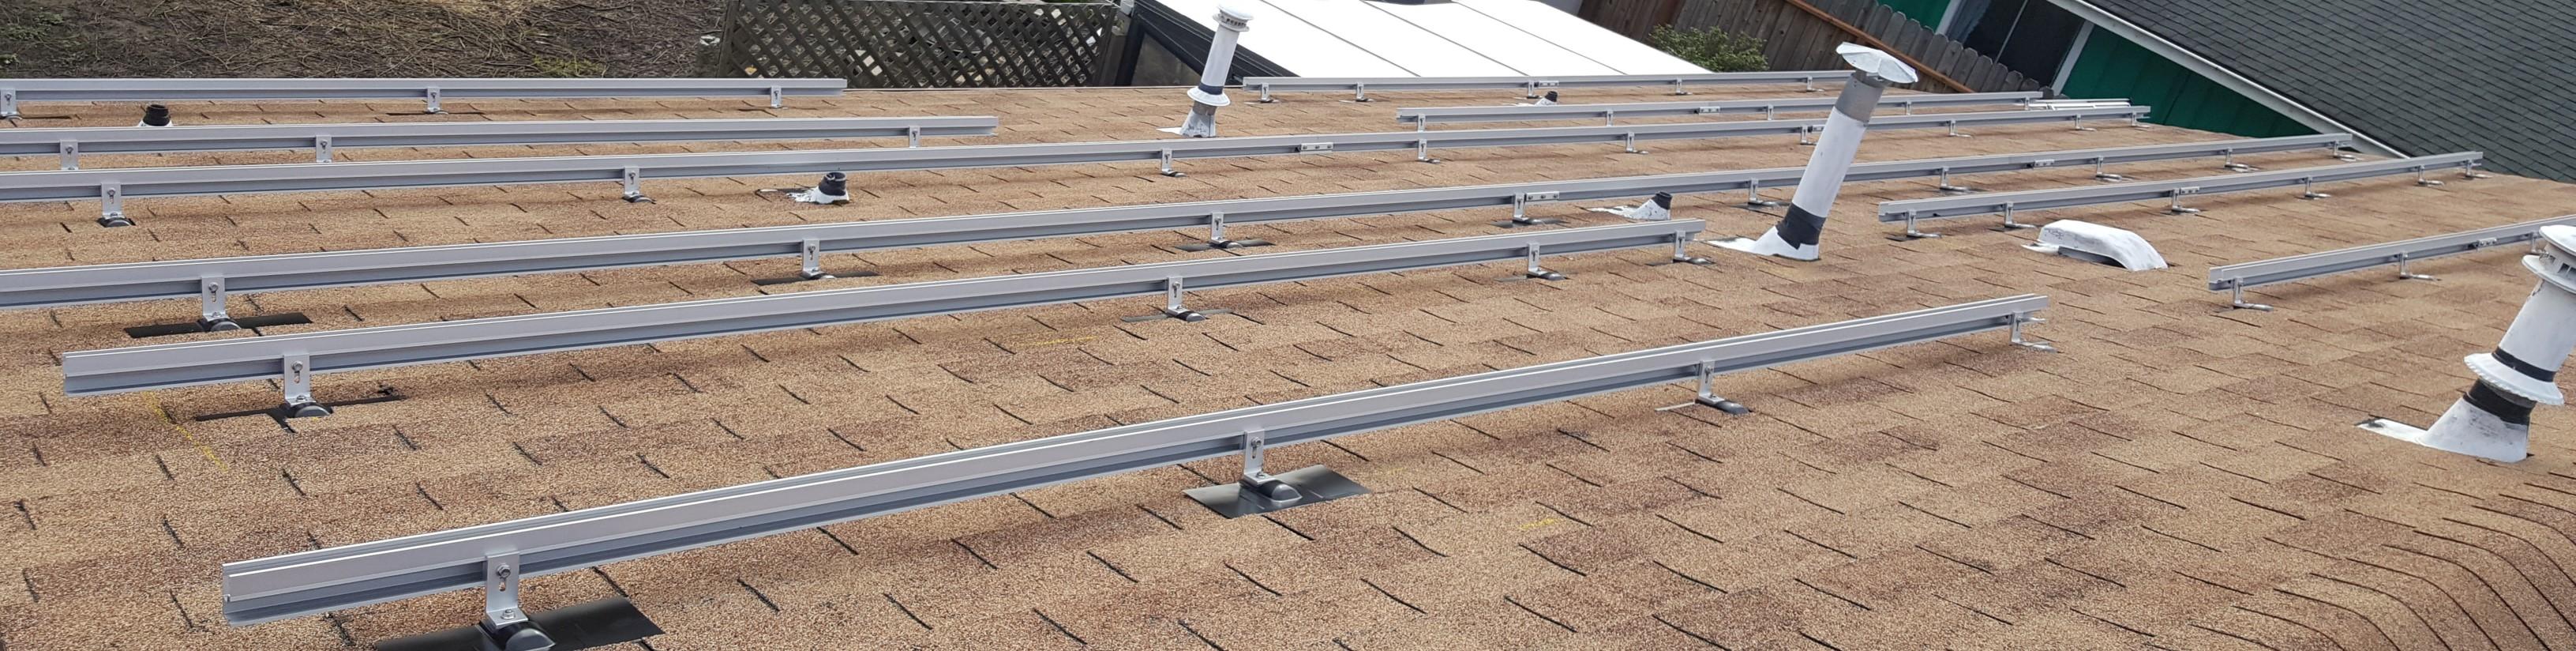 20170311.solar.setup.rails